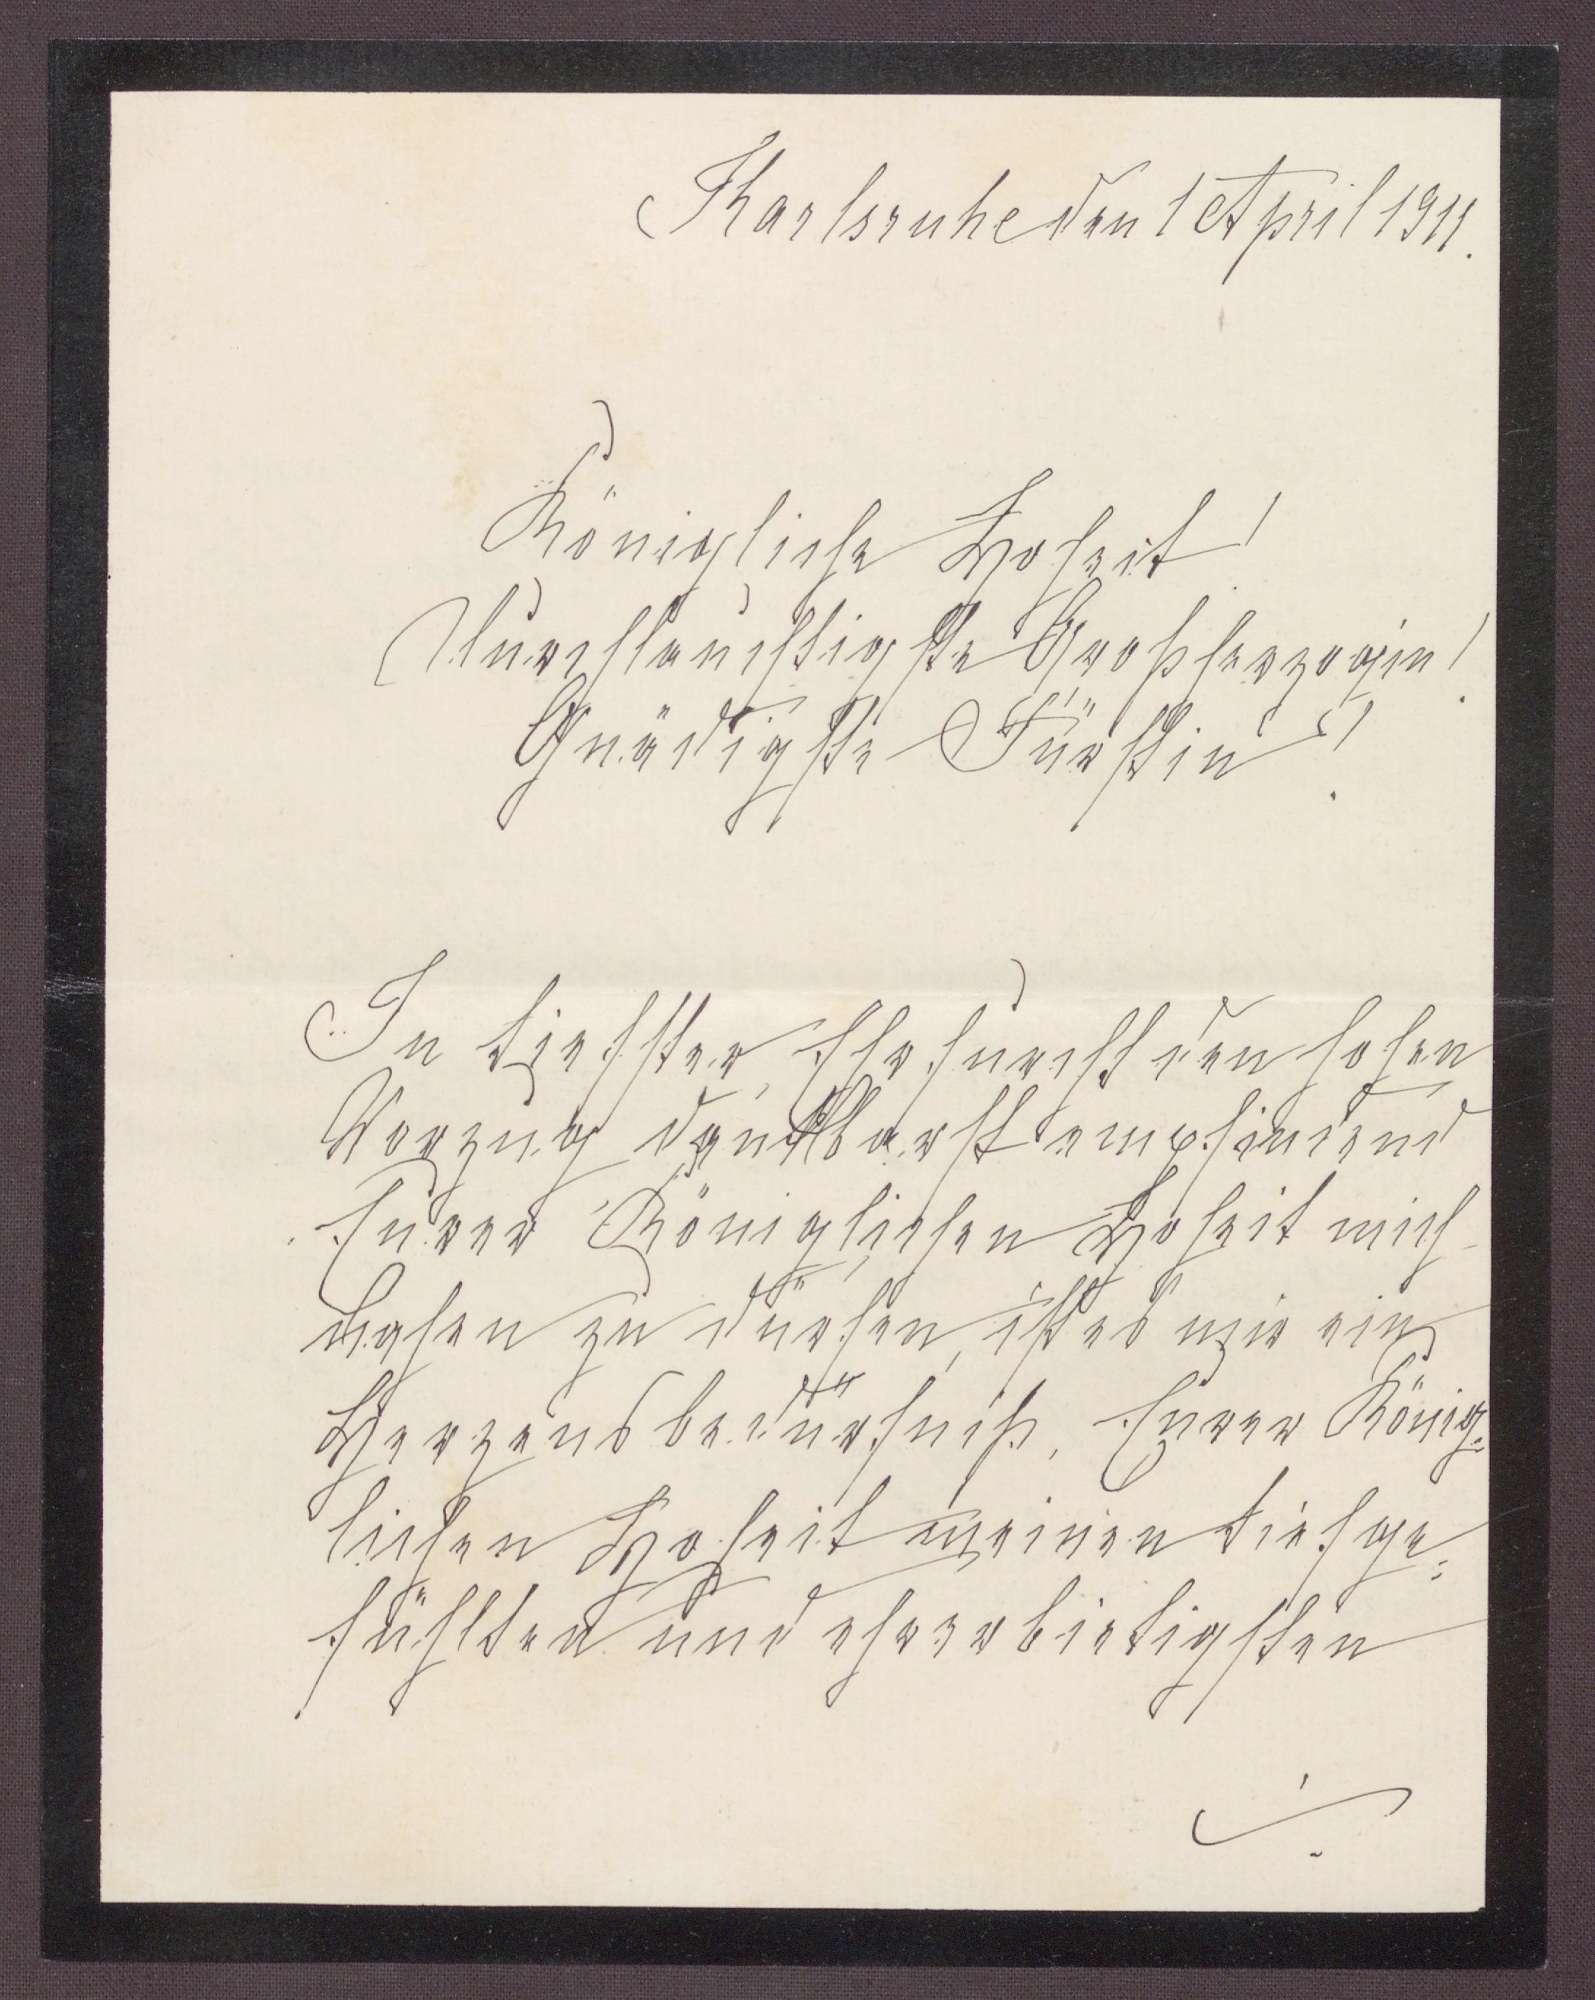 Schreiben von Anna Haas an die Großherzogin Luise; Dank für die aufmunternden Worte zum Todestag des Ehemannes, Bild 1